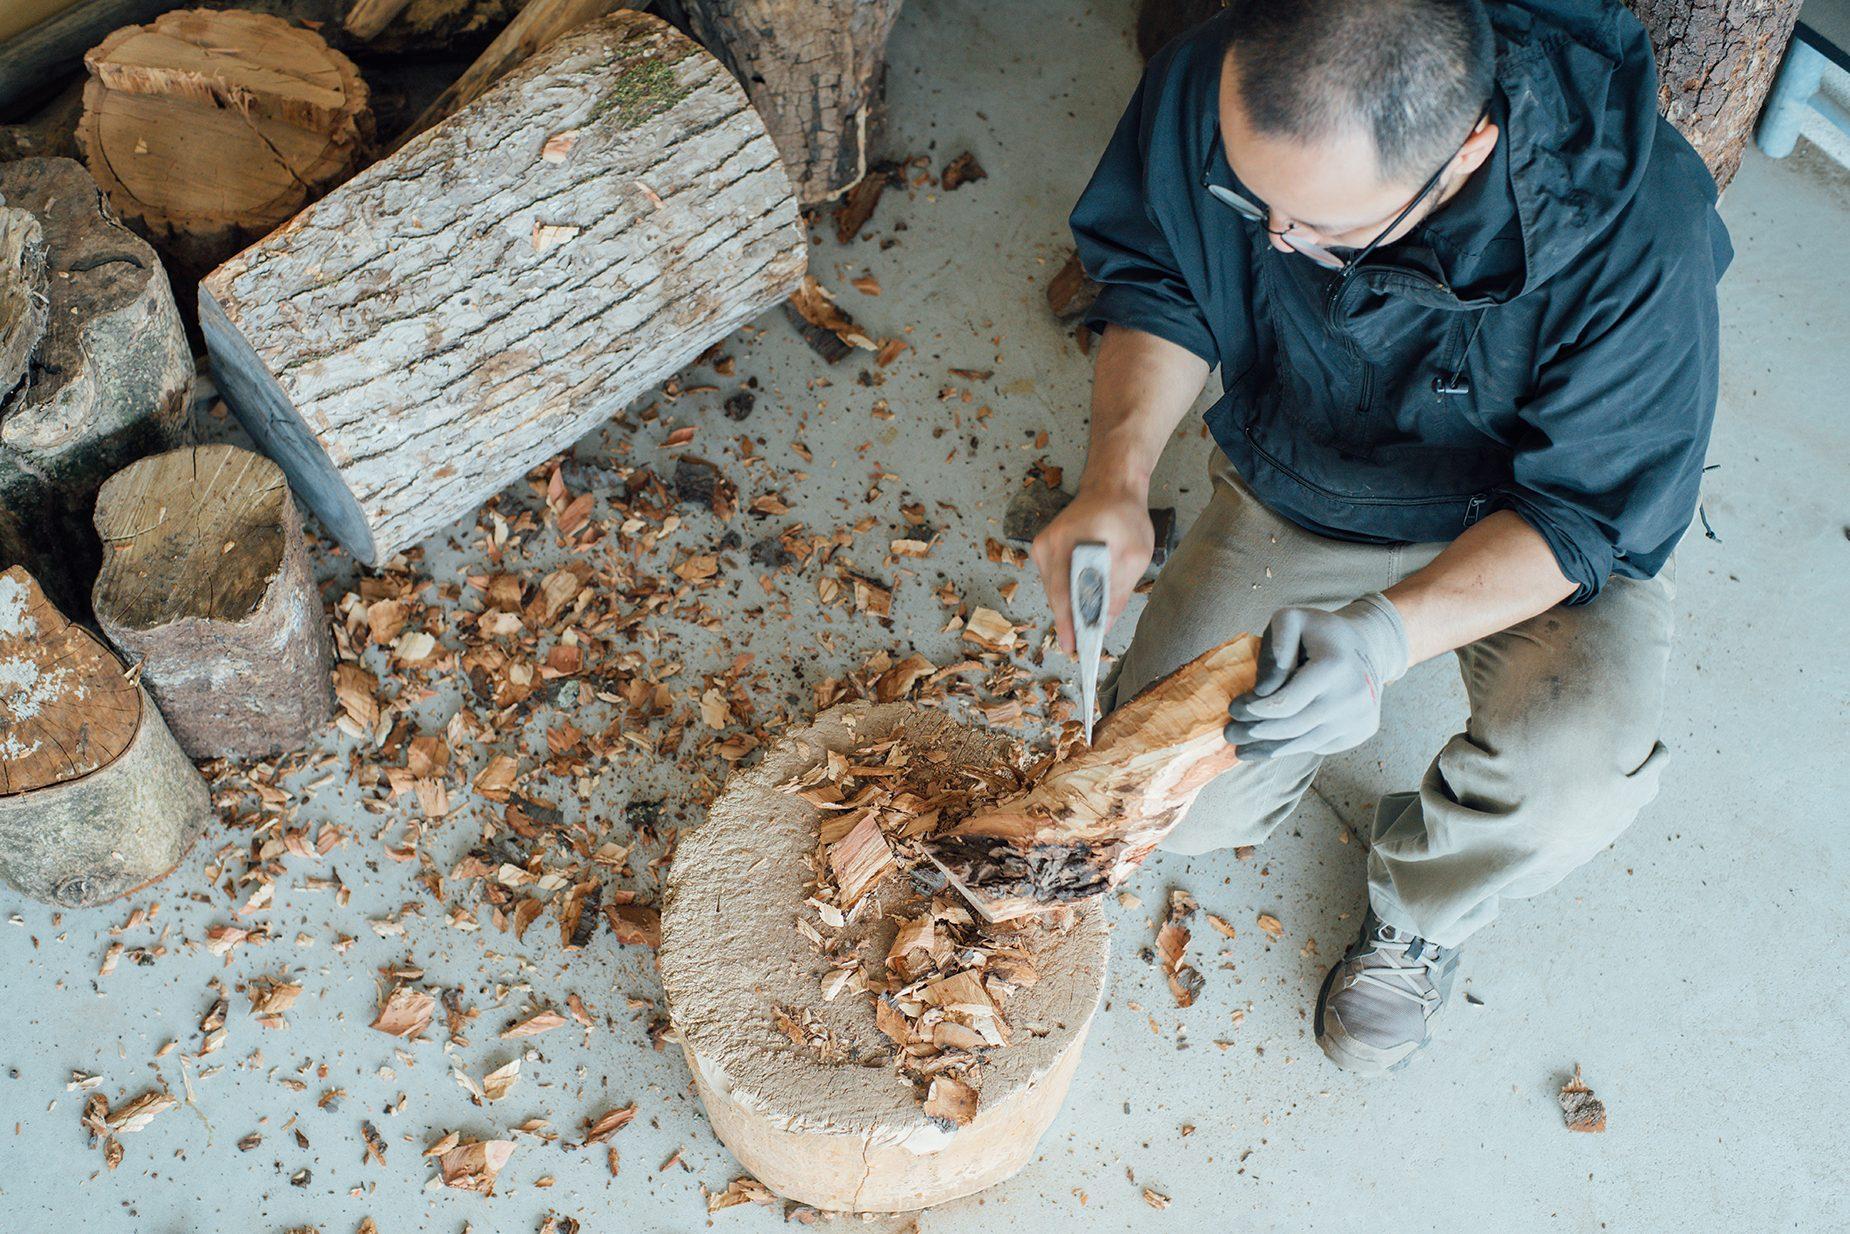 彼の手に迎えられた木たちは彼自身の手で大方の形が作られる。「機械は大きな木を切るチェーンソーくらいしか使わないですね。」